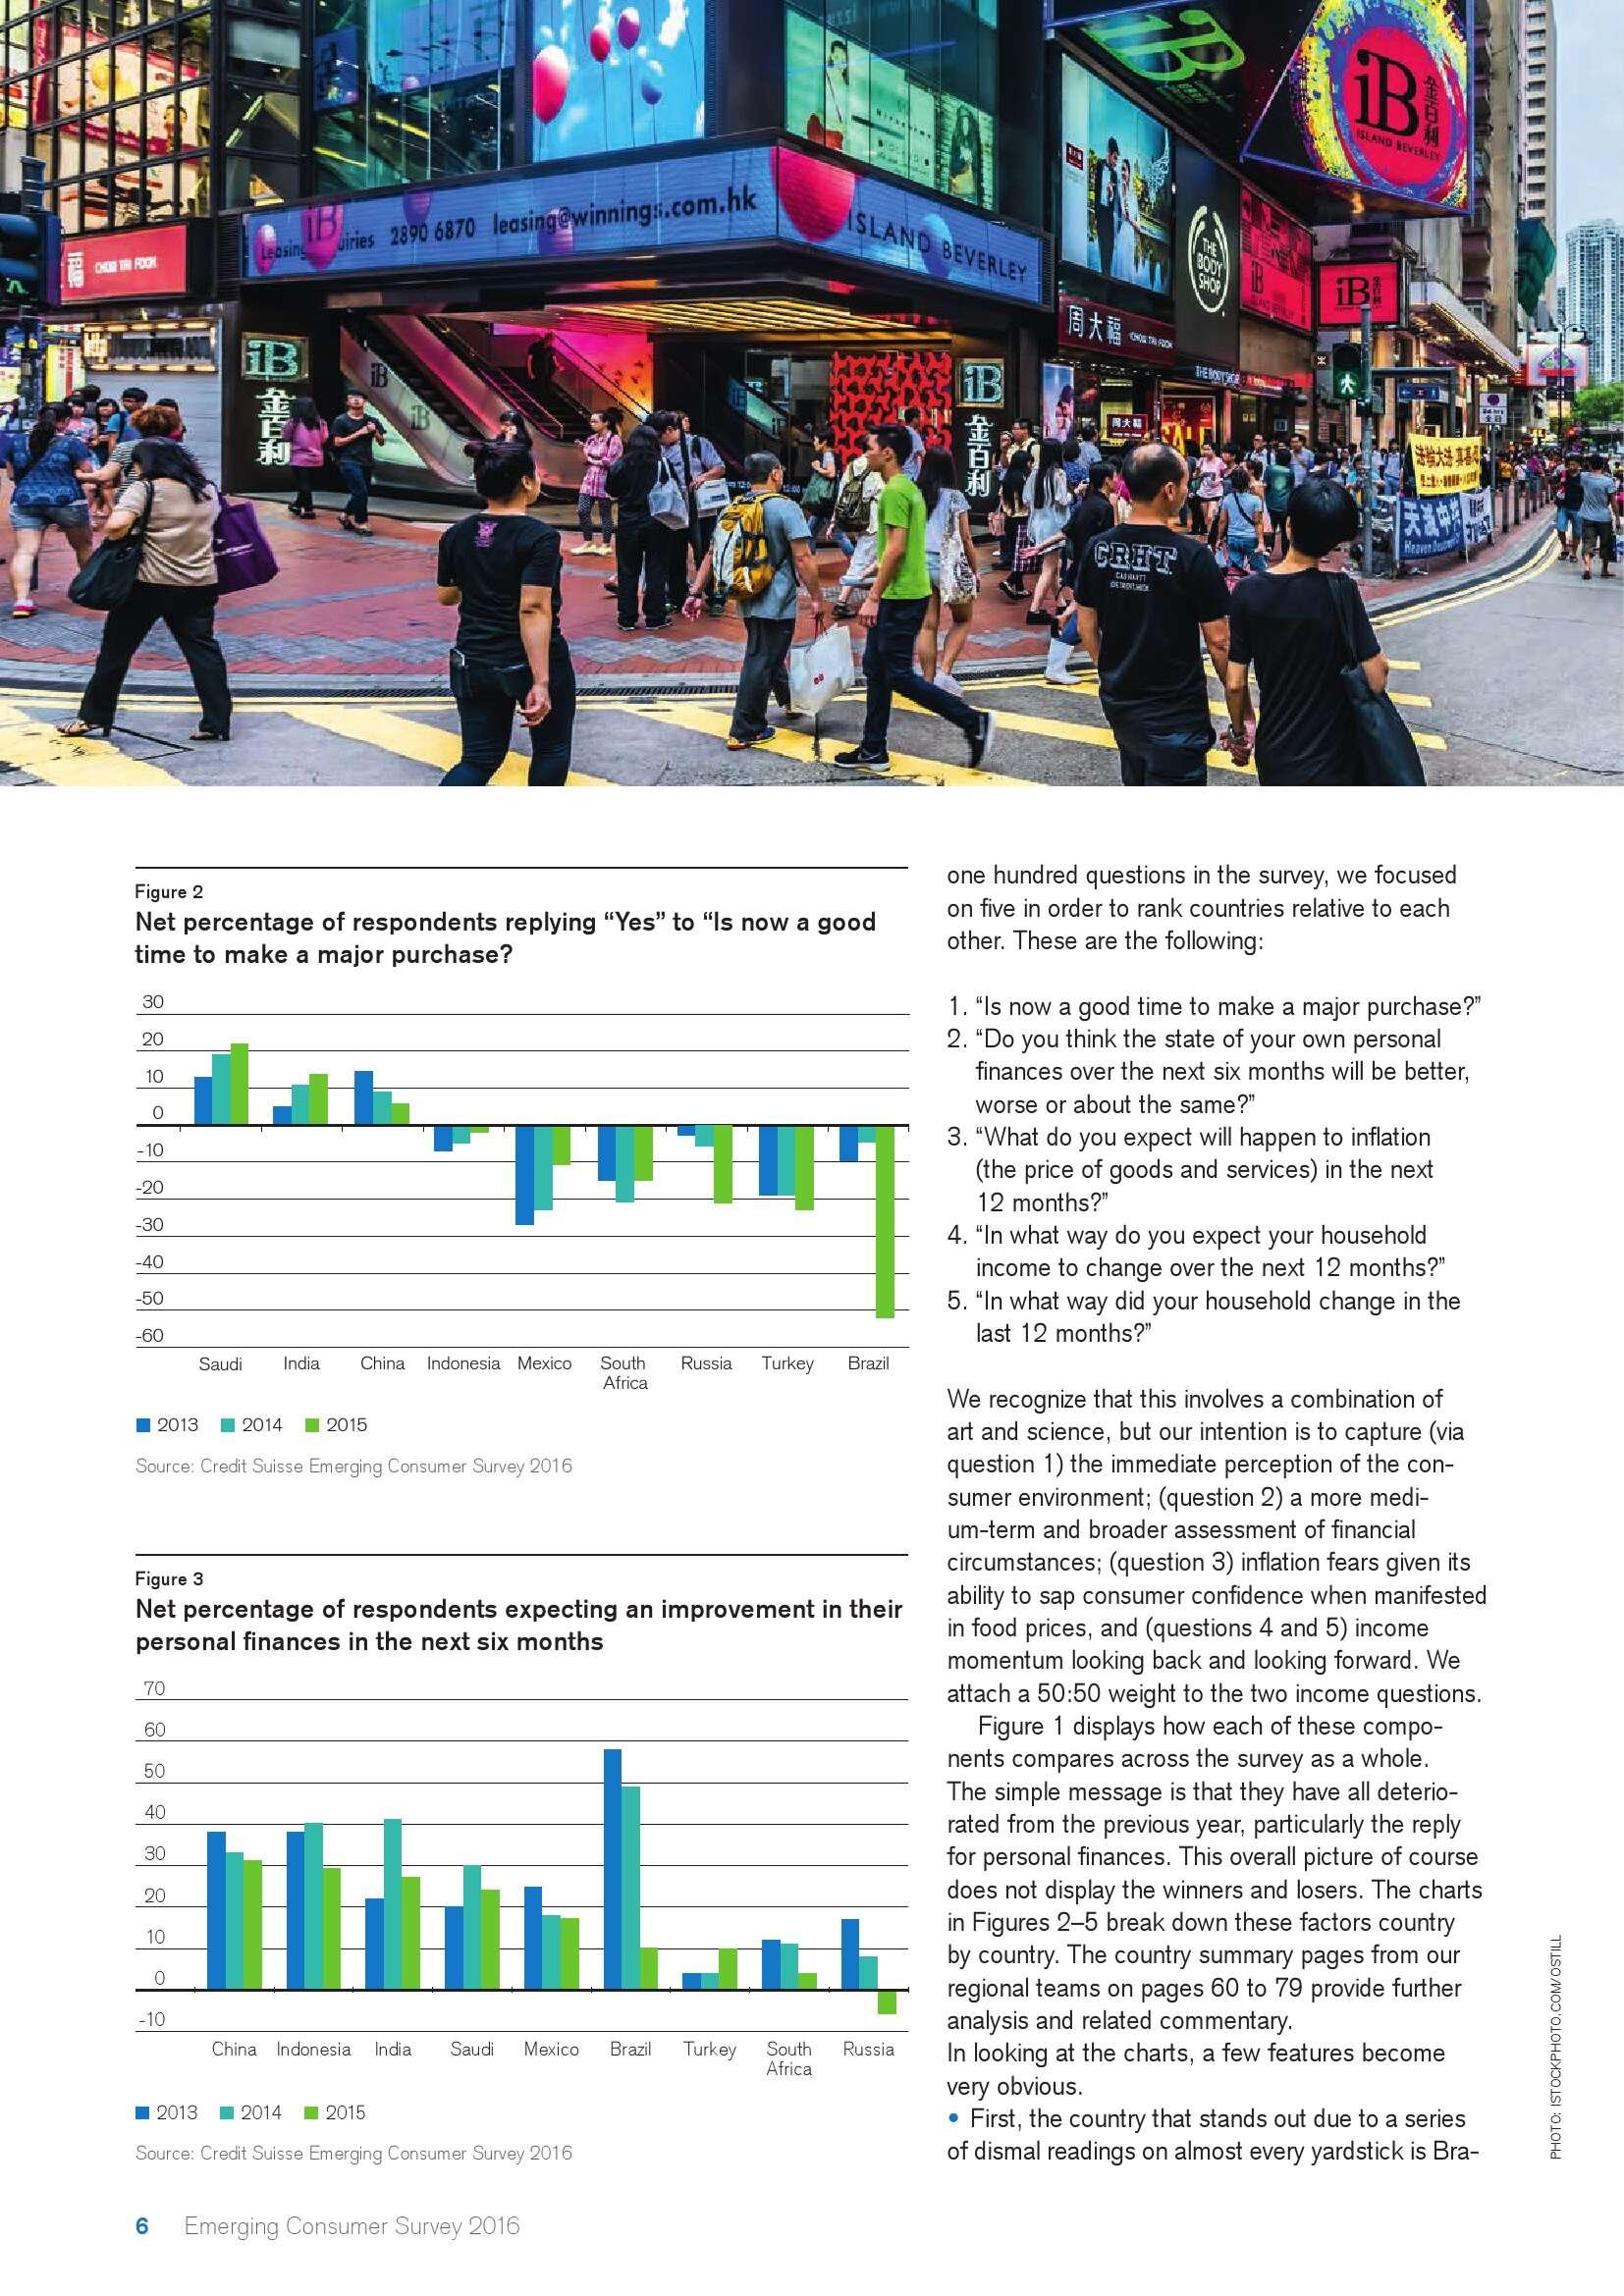 瑞士信贷:2016年新兴市场消费者调查报告_000006